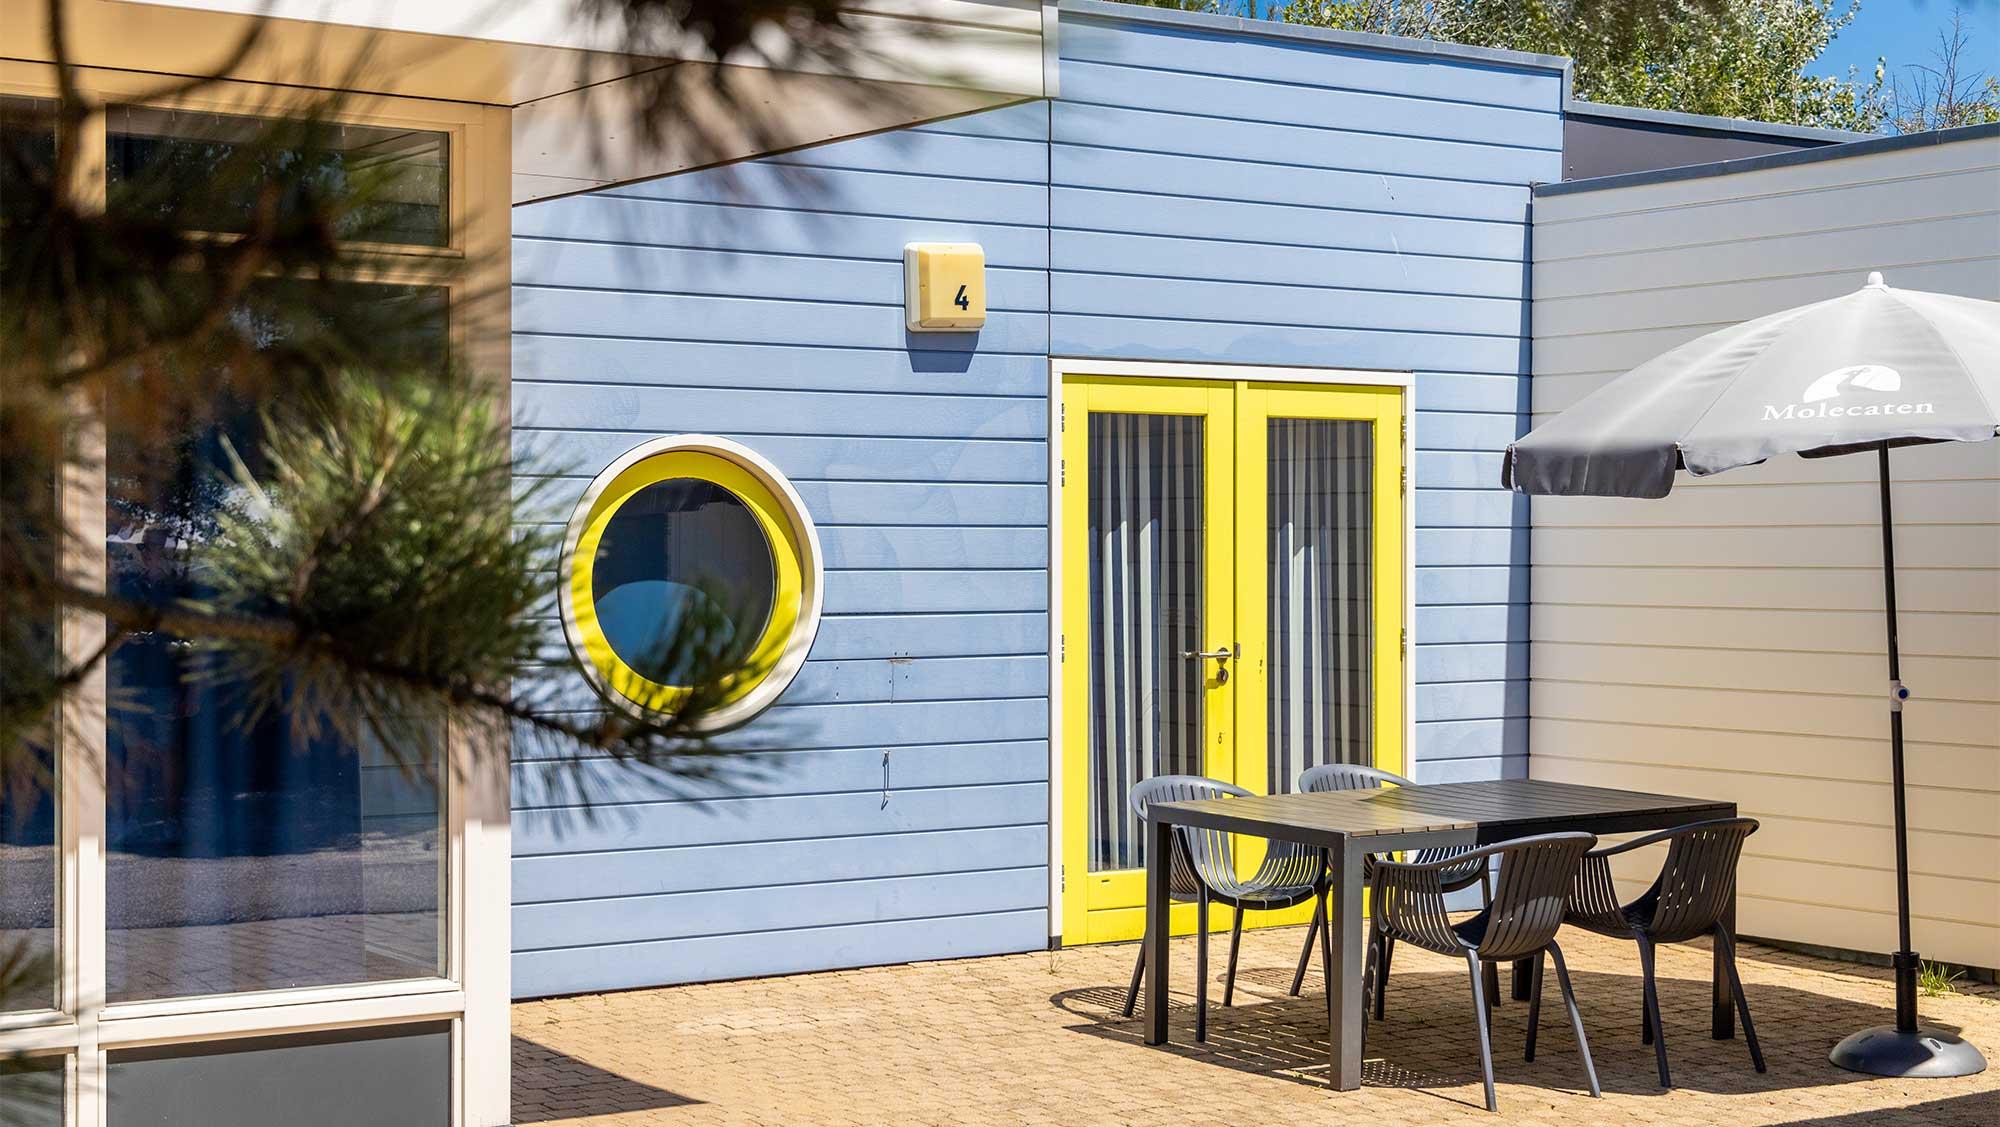 4pers bungalow Duinhuisje MiVa Molecaten Park Noordduinen 01